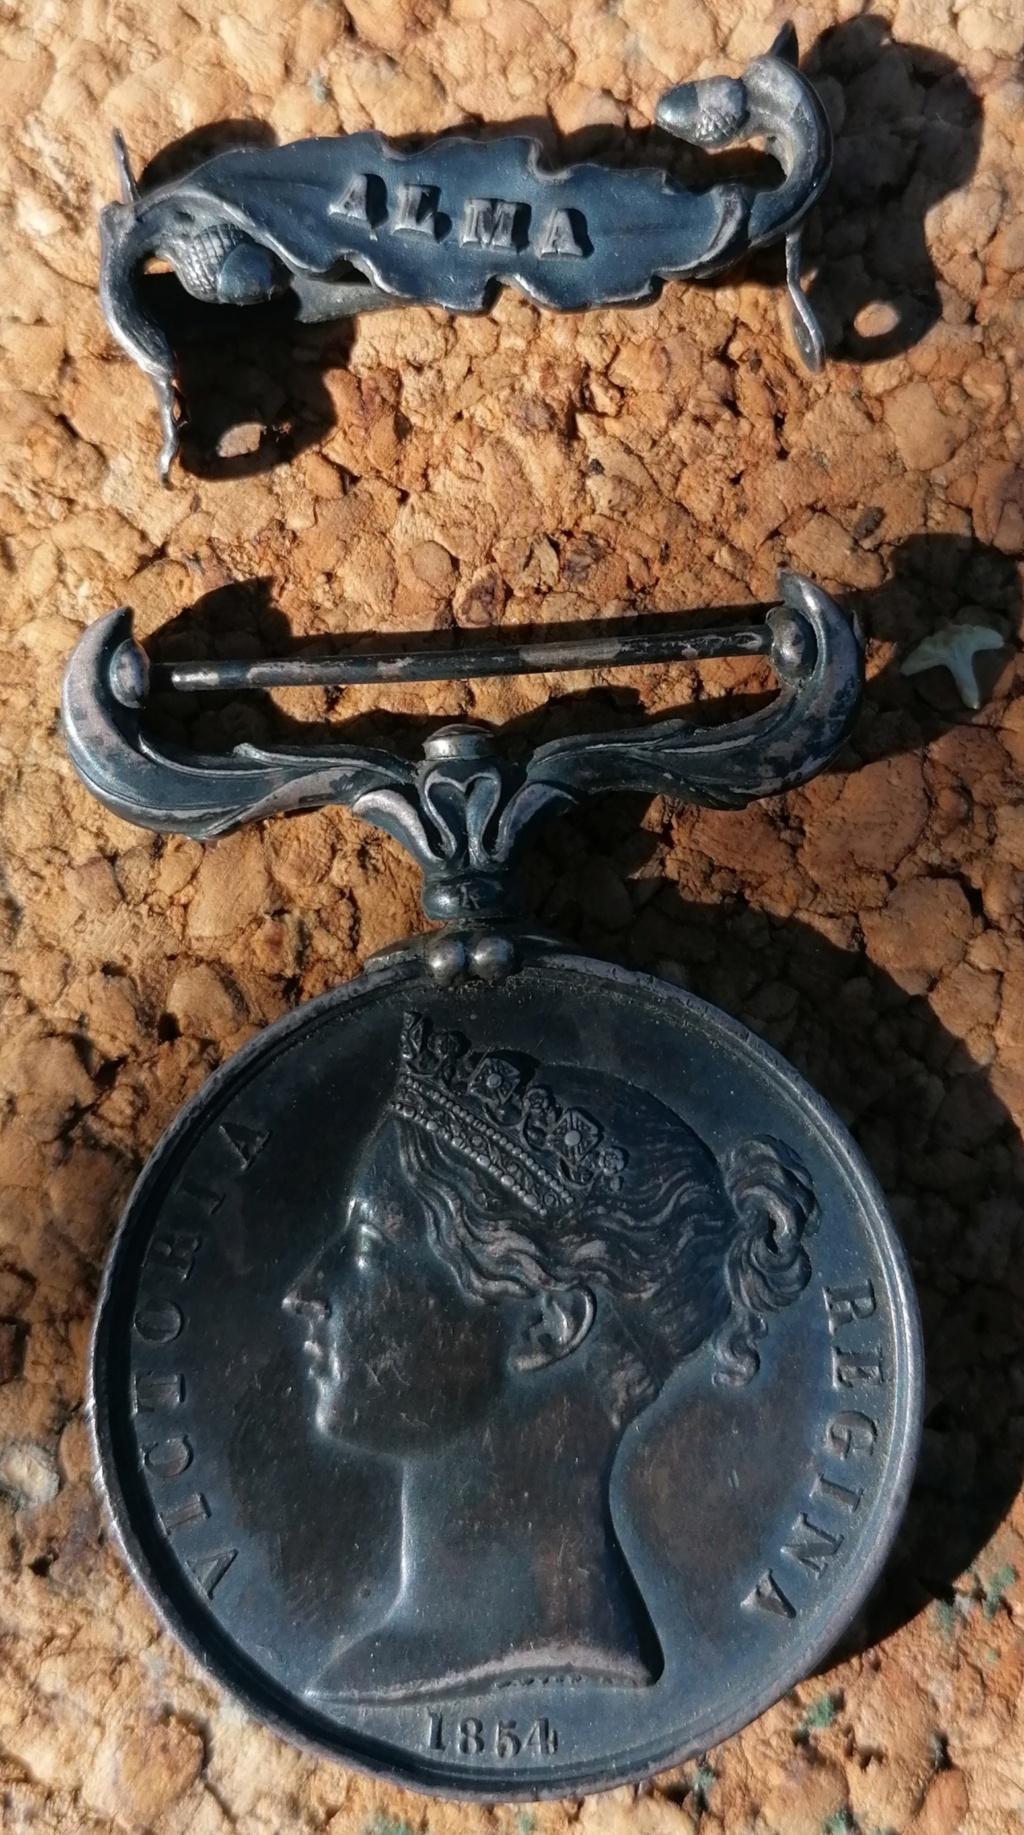 Médaille anglaise Crimea 1854 Img_2712